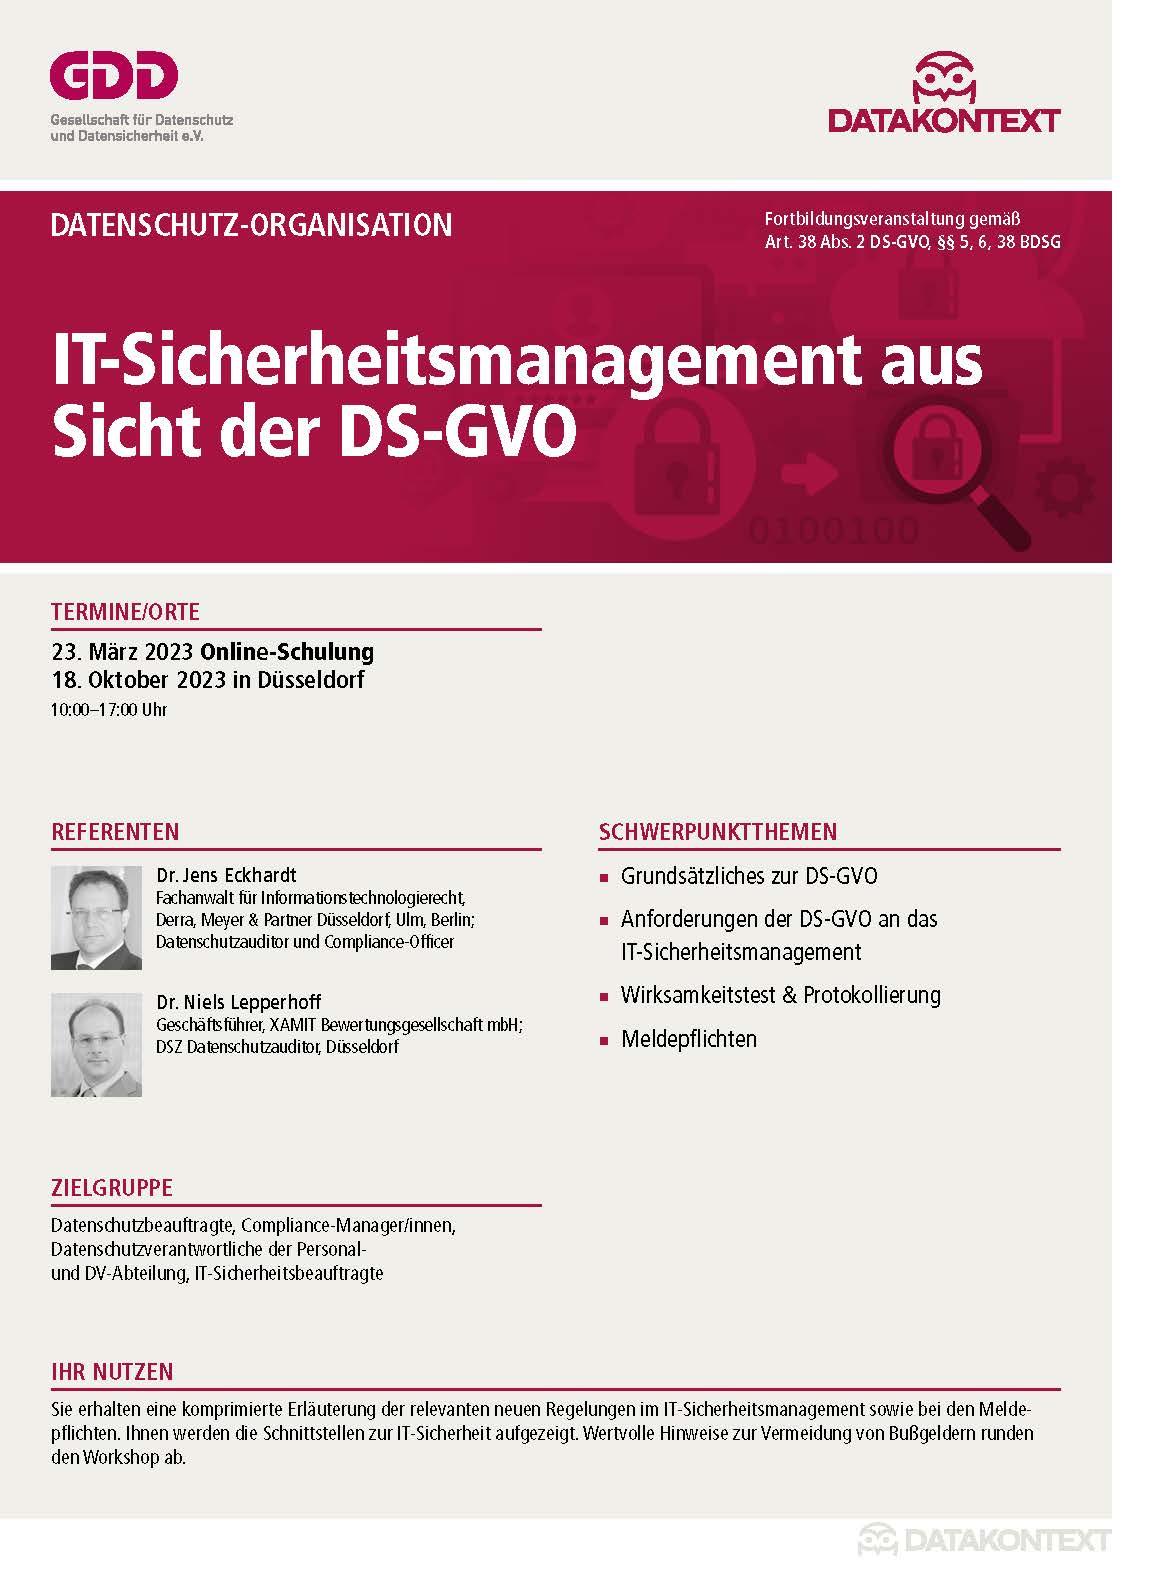 IT-Sicherheitsmanagement aus Sicht der DS-GVO